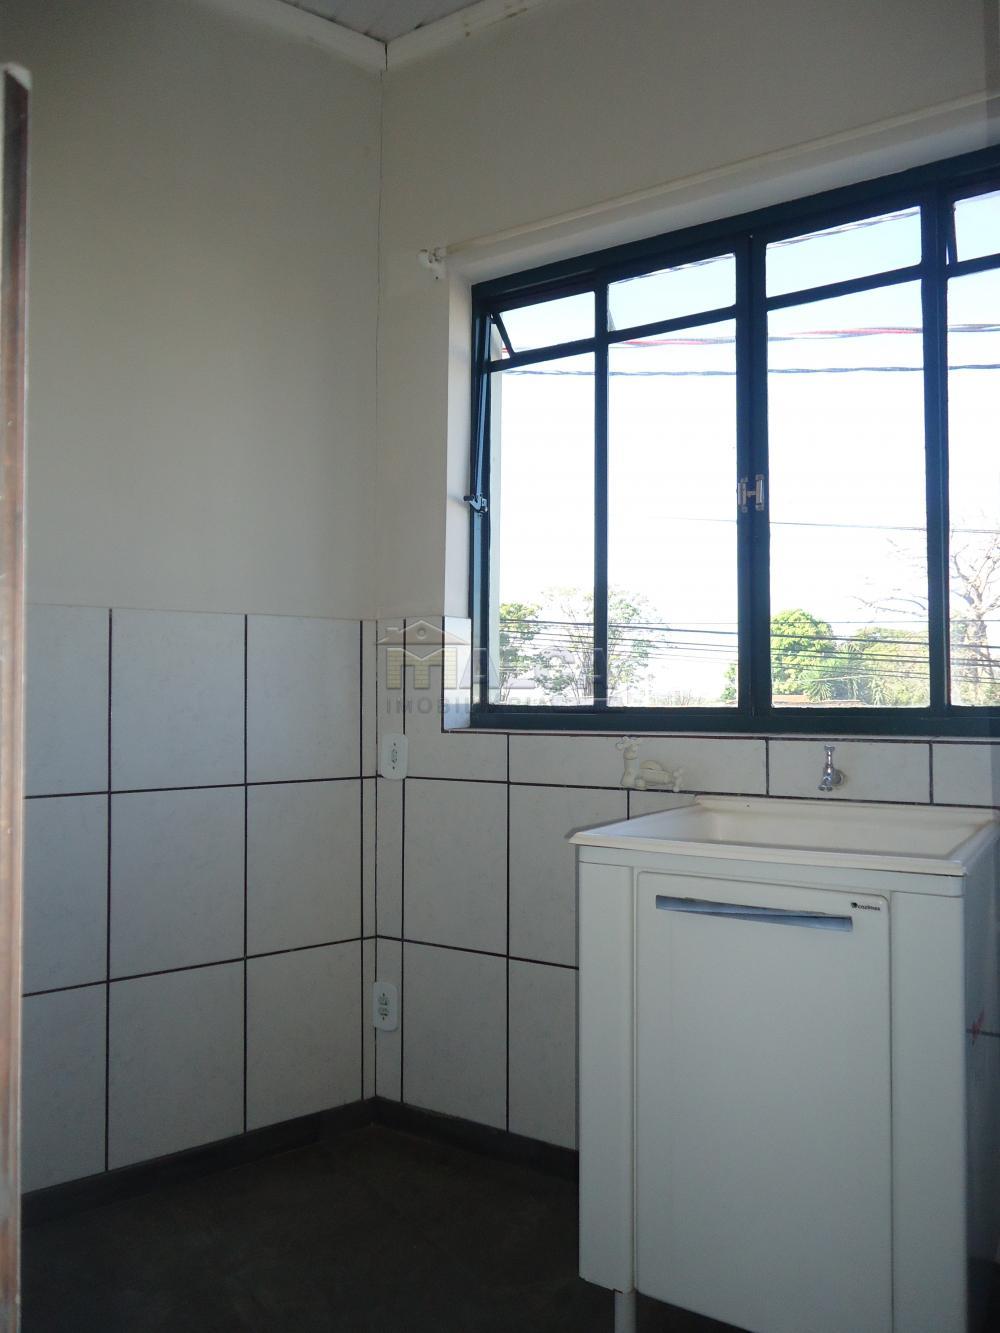 Alugar Apartamentos / Padrão em São José do Rio Pardo apenas R$ 700,00 - Foto 15